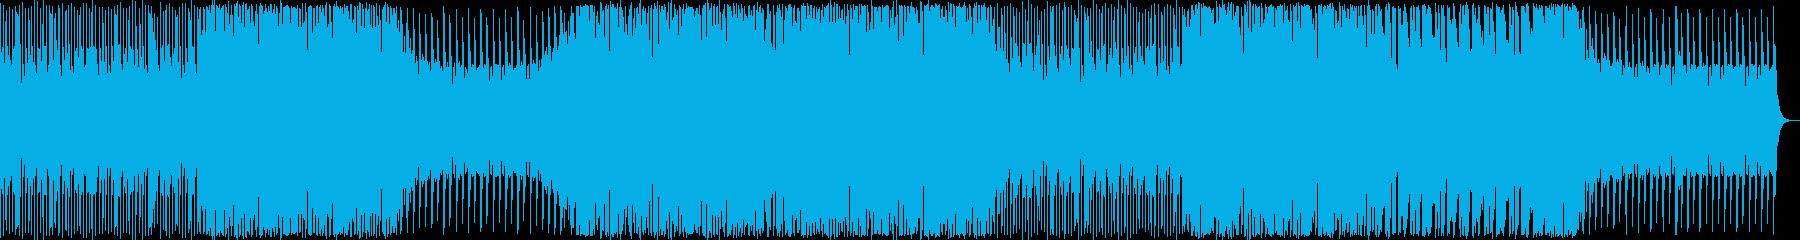 おとなしめのトランスの再生済みの波形